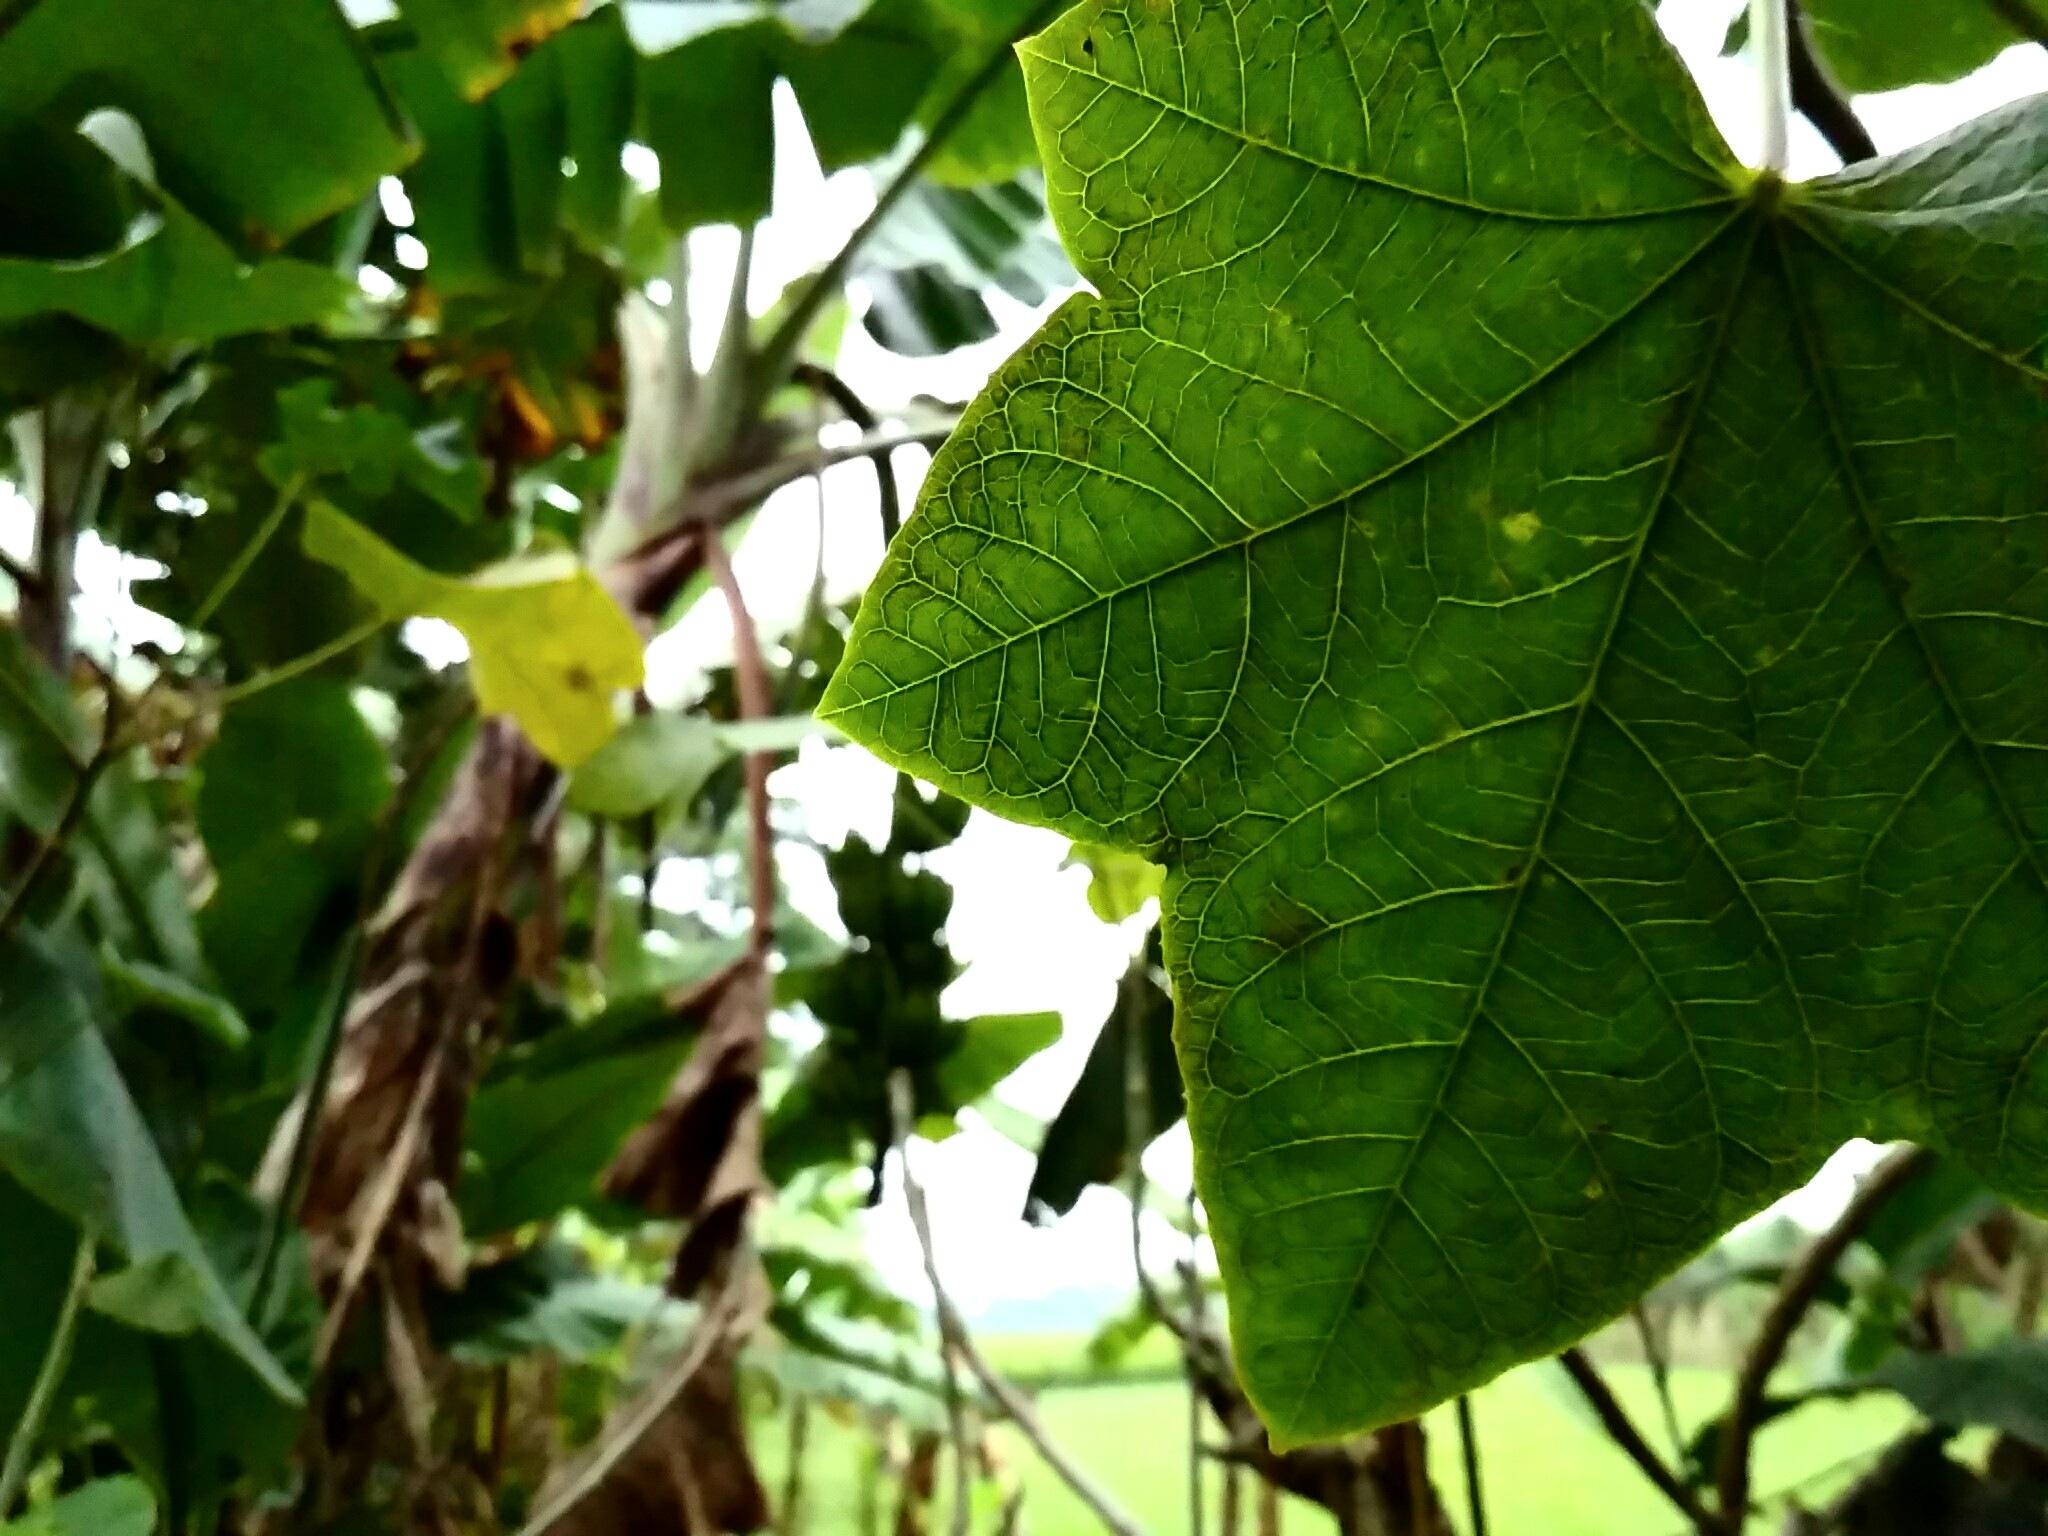 leaf by Polok Das